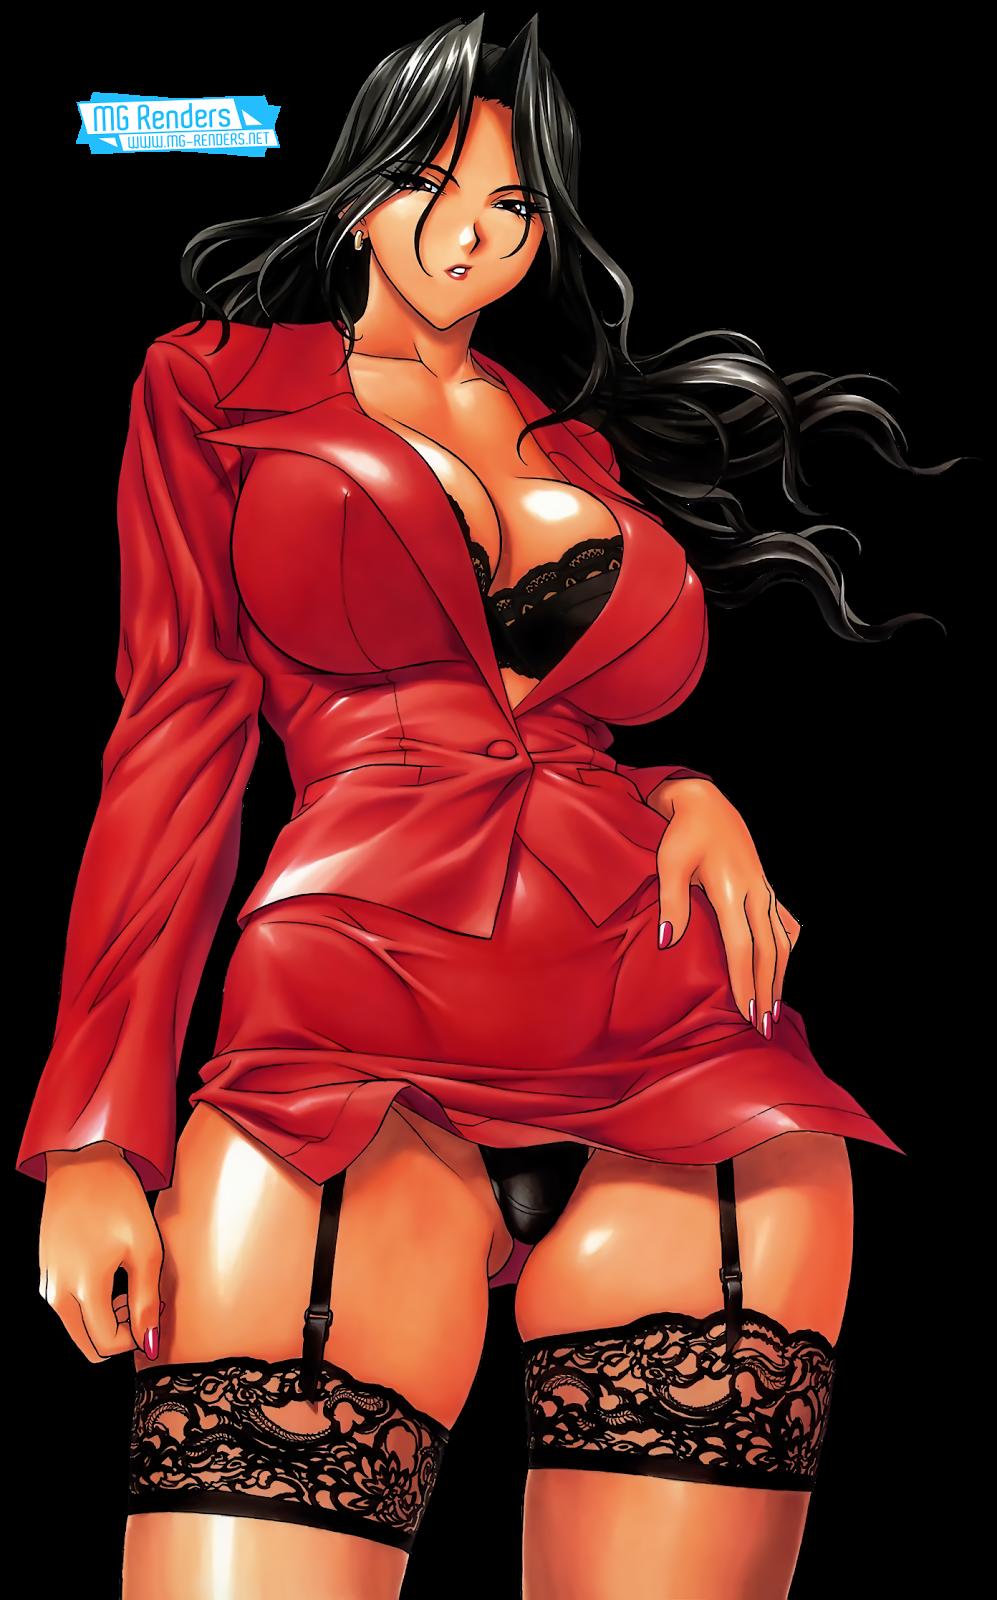 Tags: Anime, Render,  Bra,  Dark skin,  Huge Breasts,  Inoue Takuya,  Original Character,  Pantsu,  Skirt,  PNG, Image, Picture